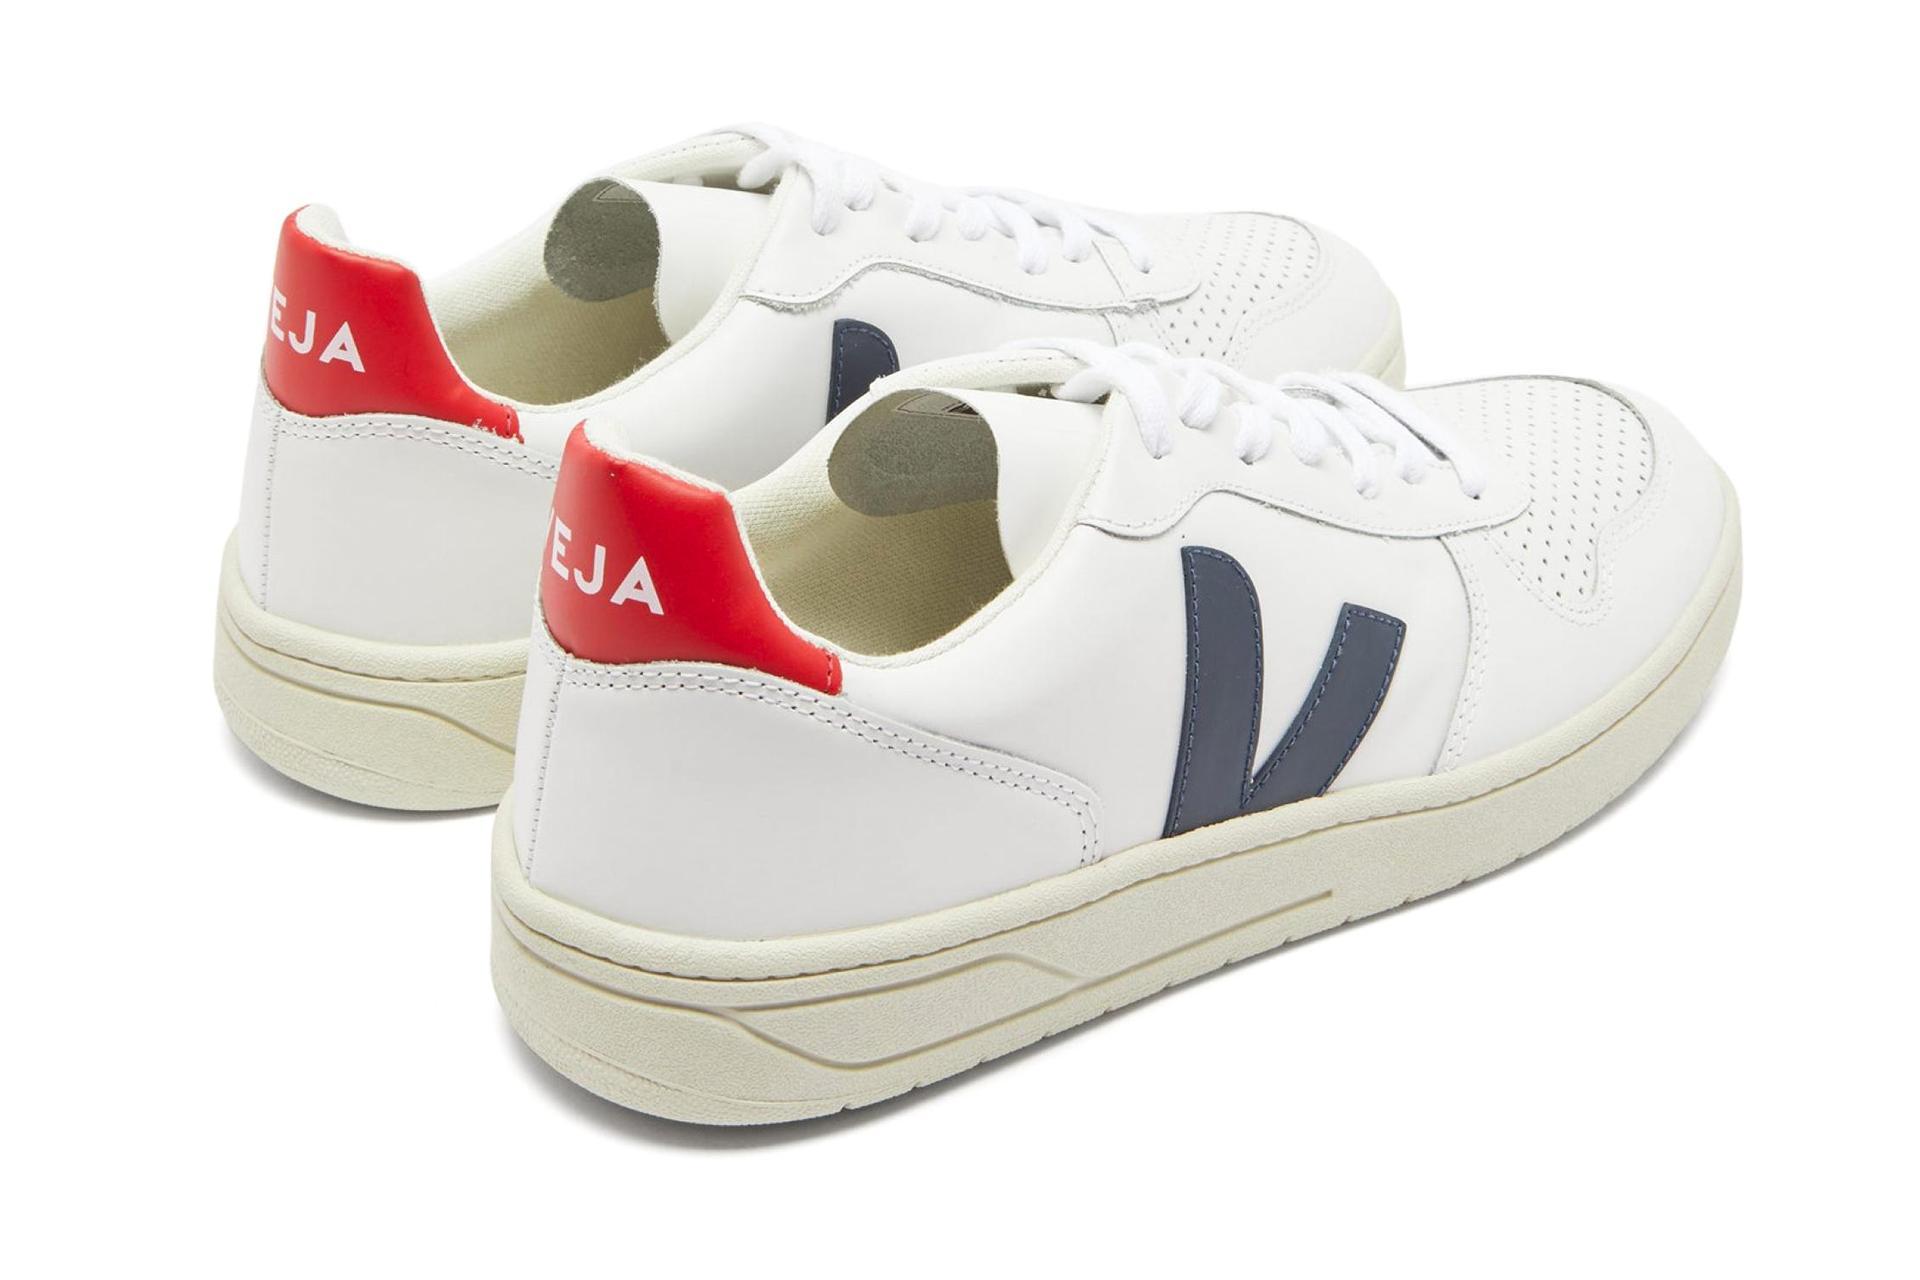 Veja's white leather V-10